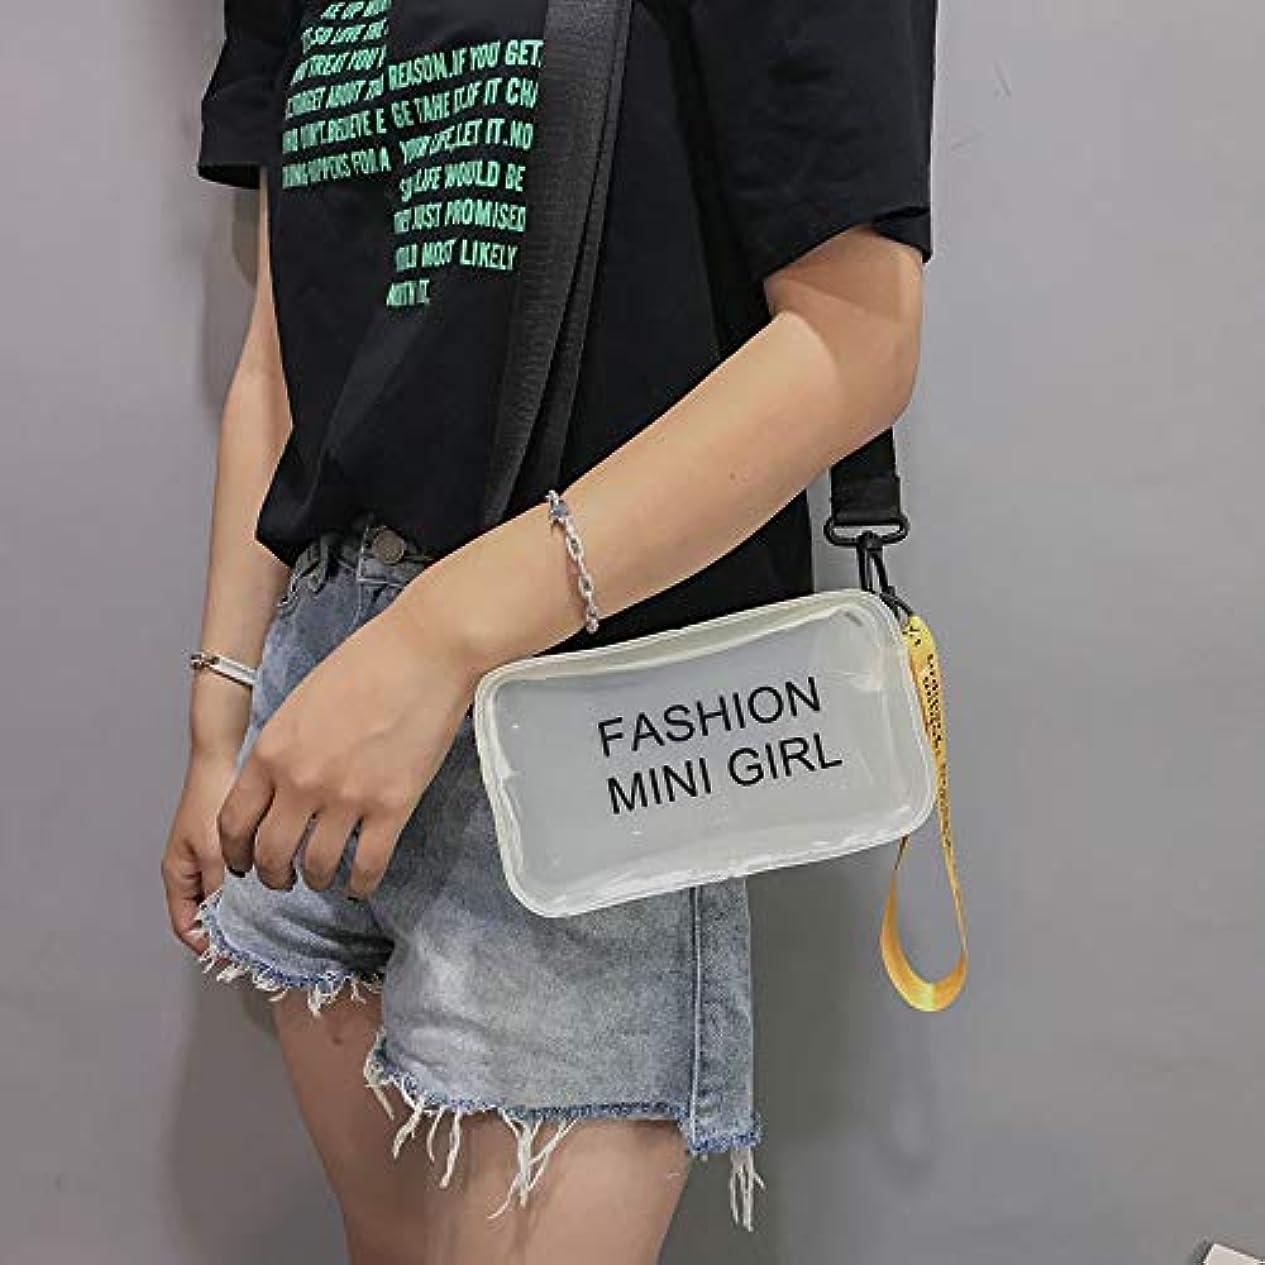 蘇生する伝導してはいけない女性ファッションゼリー手紙ストリートシンプルデザインショルダーバッグメッセンジャーバッグ、ゼリー手紙メッセンジャーバッグハンドバッグ携帯電話バッグ、ファッション汎用メッセンジャーバッグショルダーバッグハンドバッグ (白)